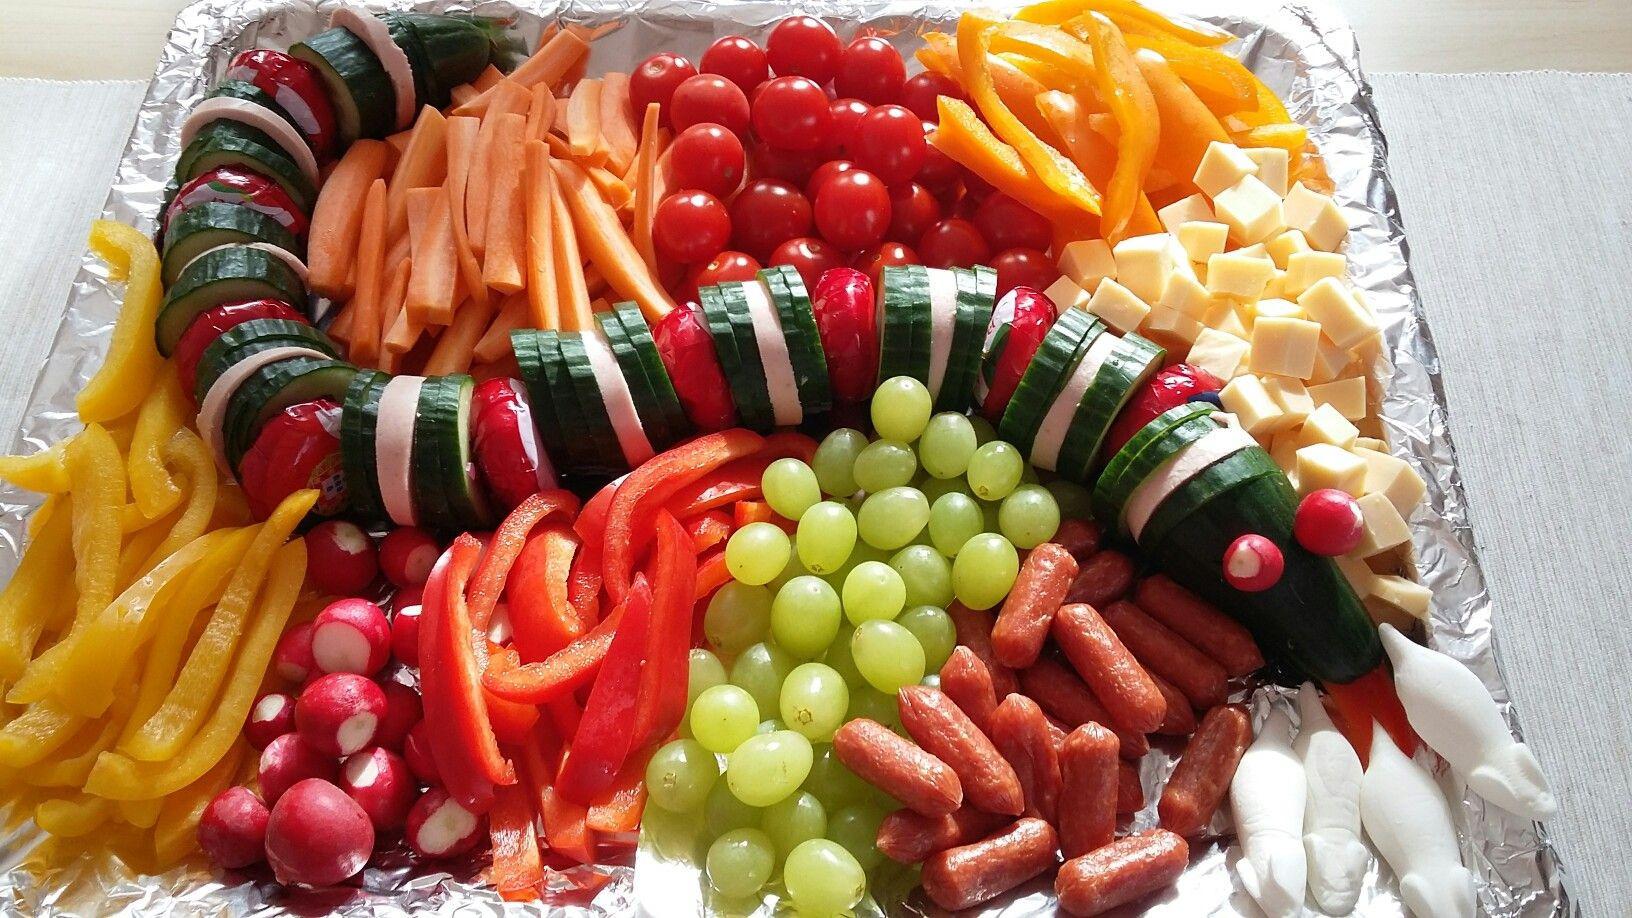 Geburtstagsfeier Essen  Gurkenschlange frühstückspause in 2019